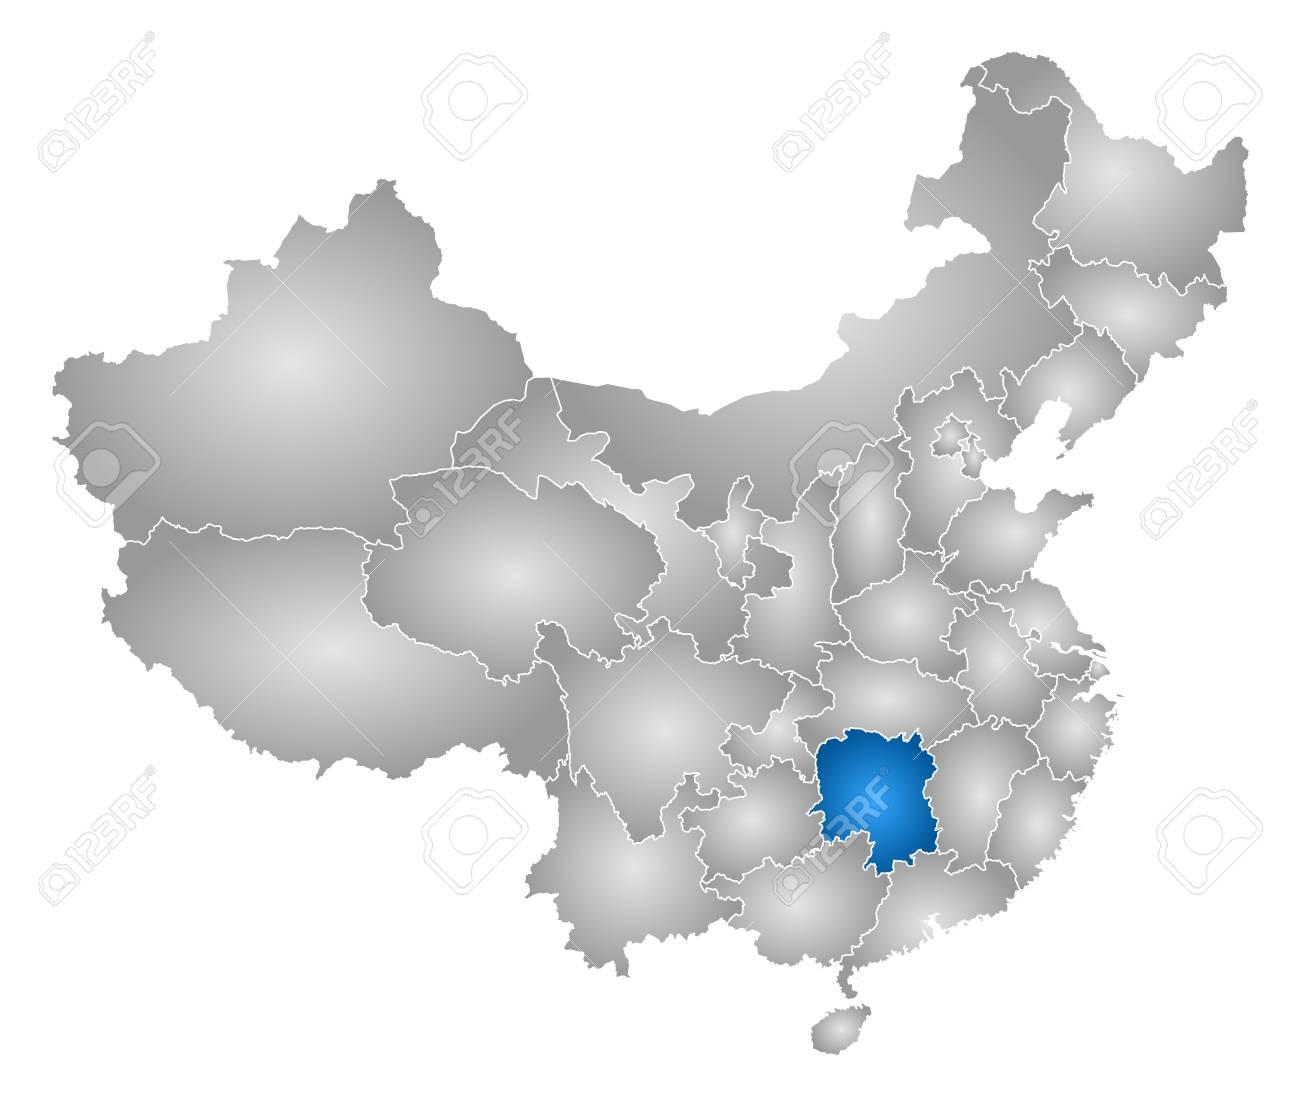 Carte Chine Hunan.Carte De La Chine Avec Les Provinces Rempli D Un Gradient Radial